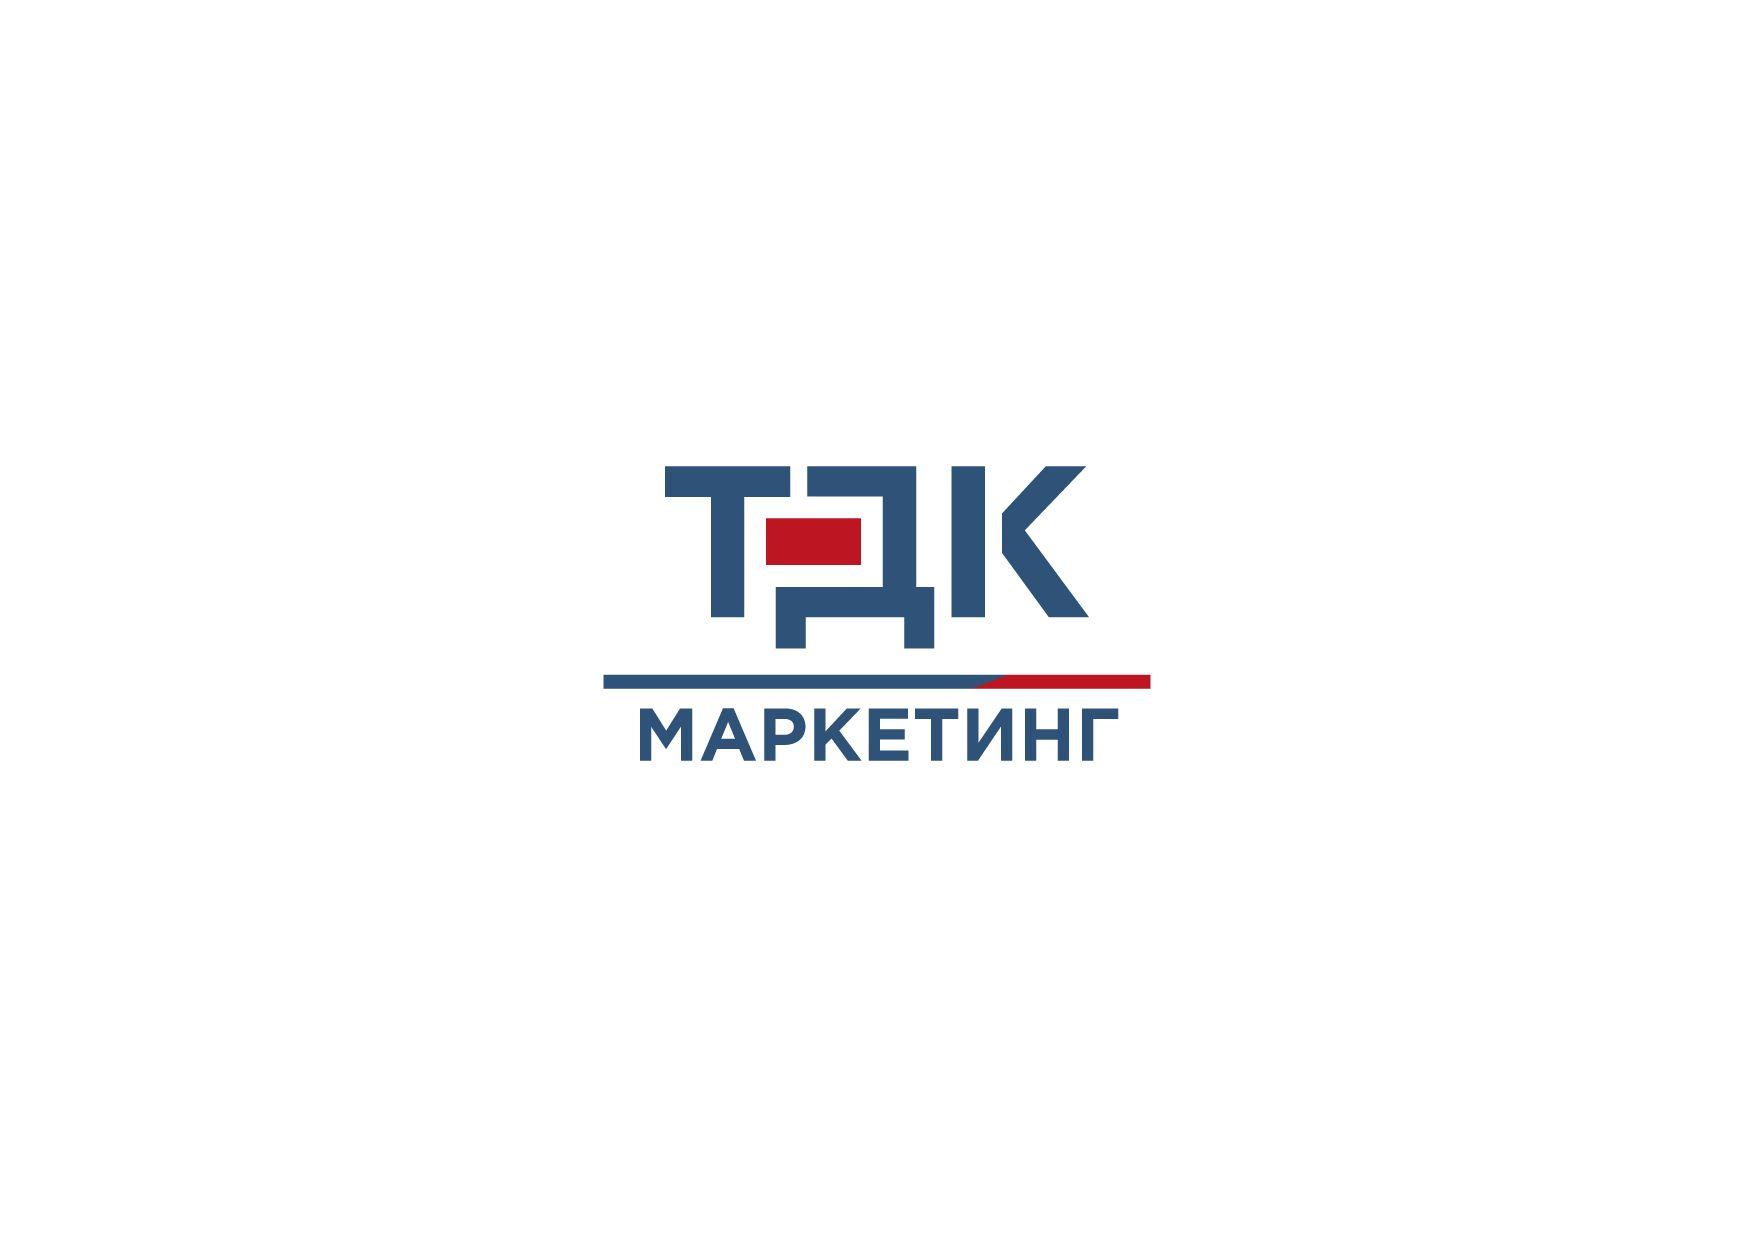 Лого и фирменный стиль для ТДК Маркетинг - дизайнер kirilln84